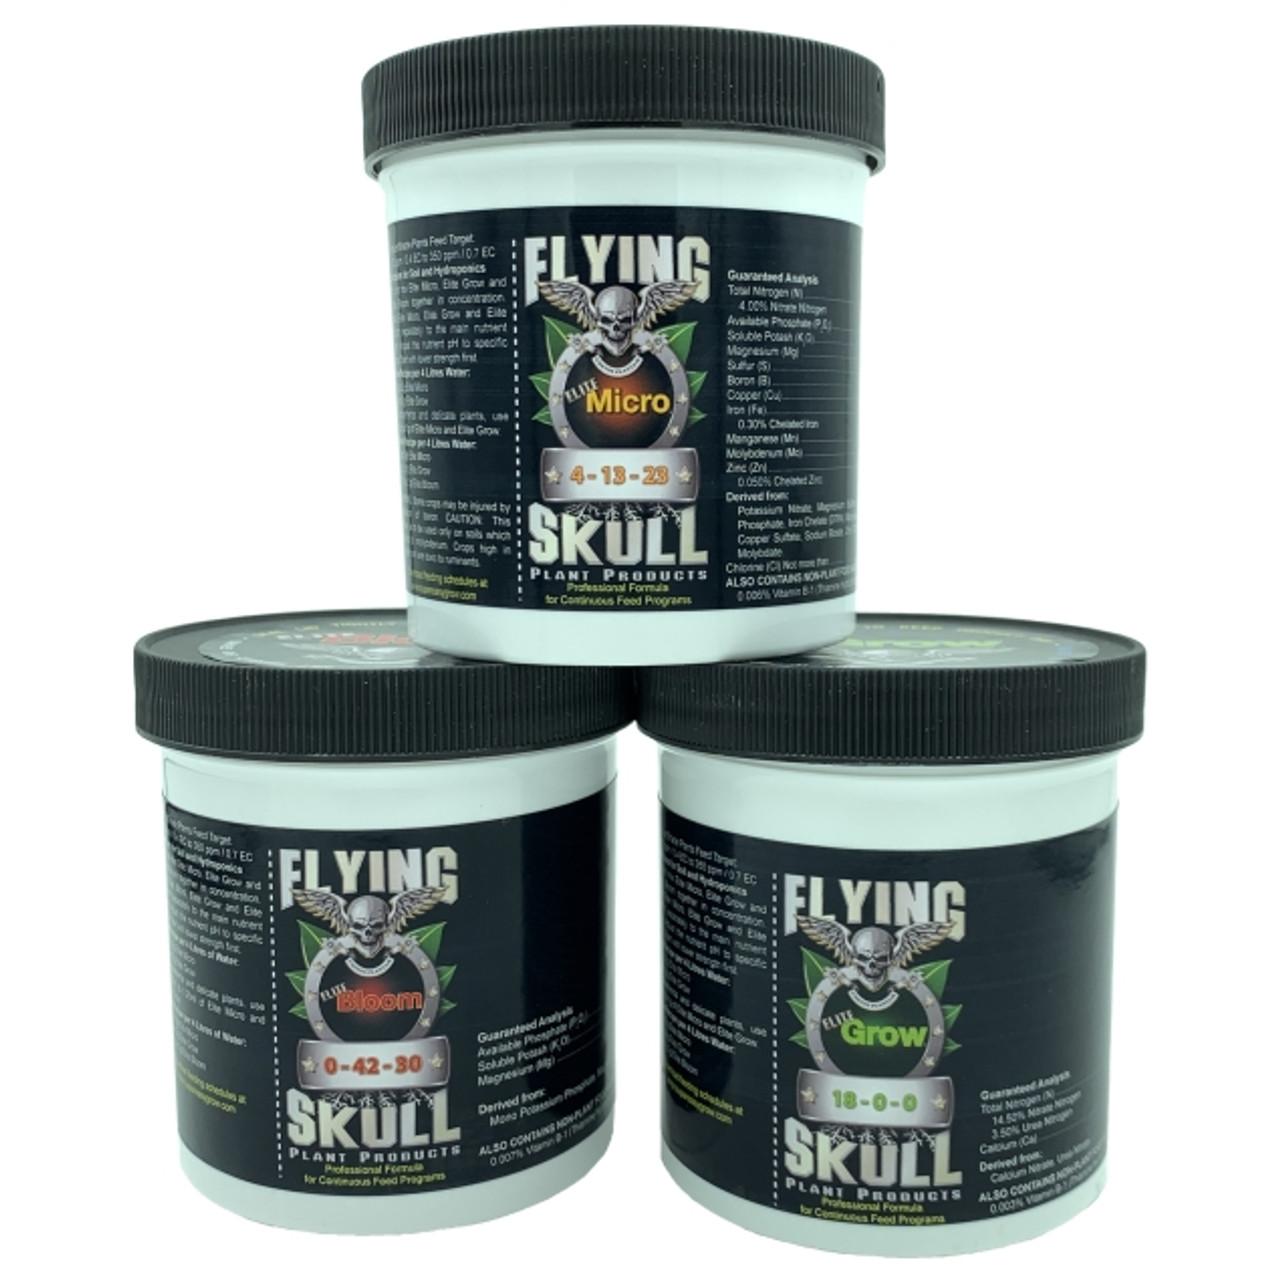 Flying Skull Elite Plant Food Range - Elite Micro, Elite Grow, Elite Bloom